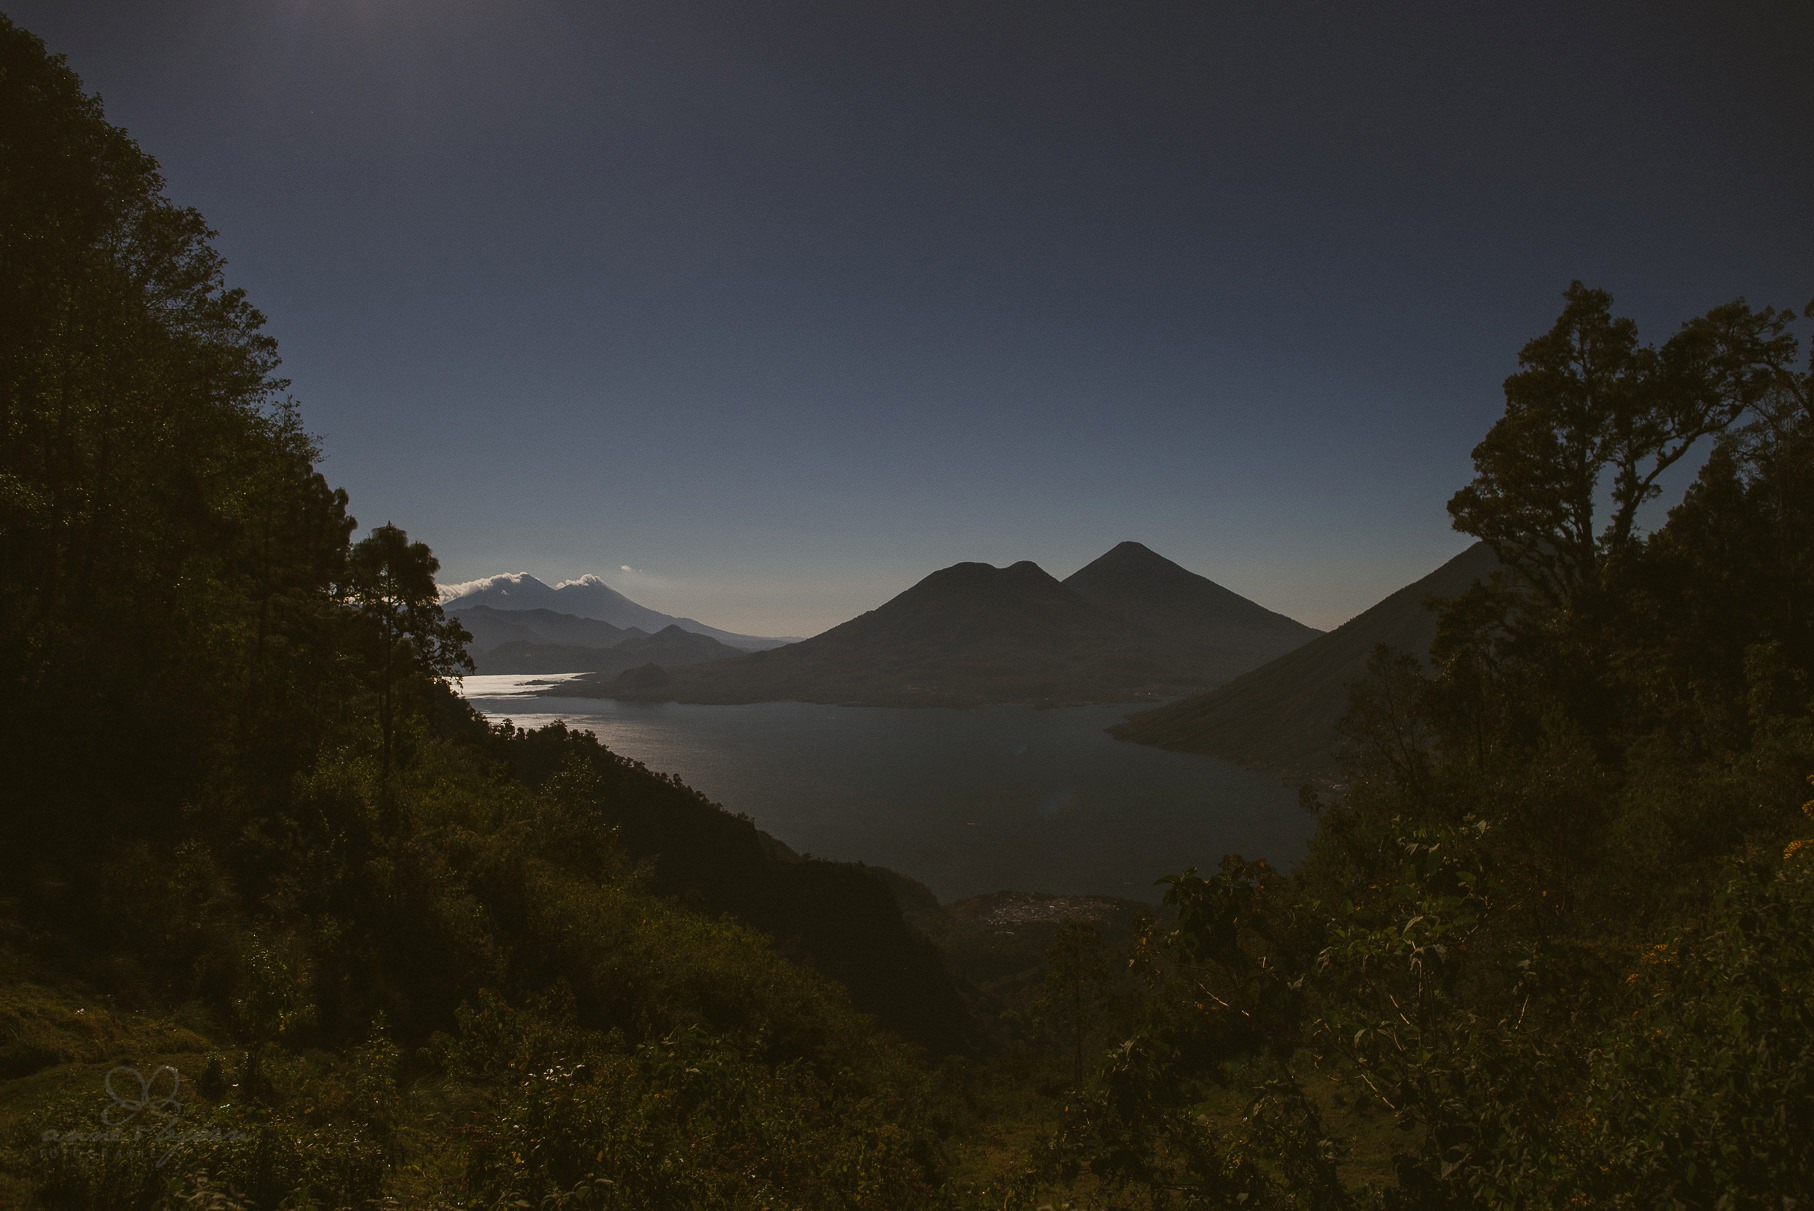 0121 anne und bjoern guatemala d75 2530 - 4 Wochen durch Guatemala - backpacking durch Mittelamerika